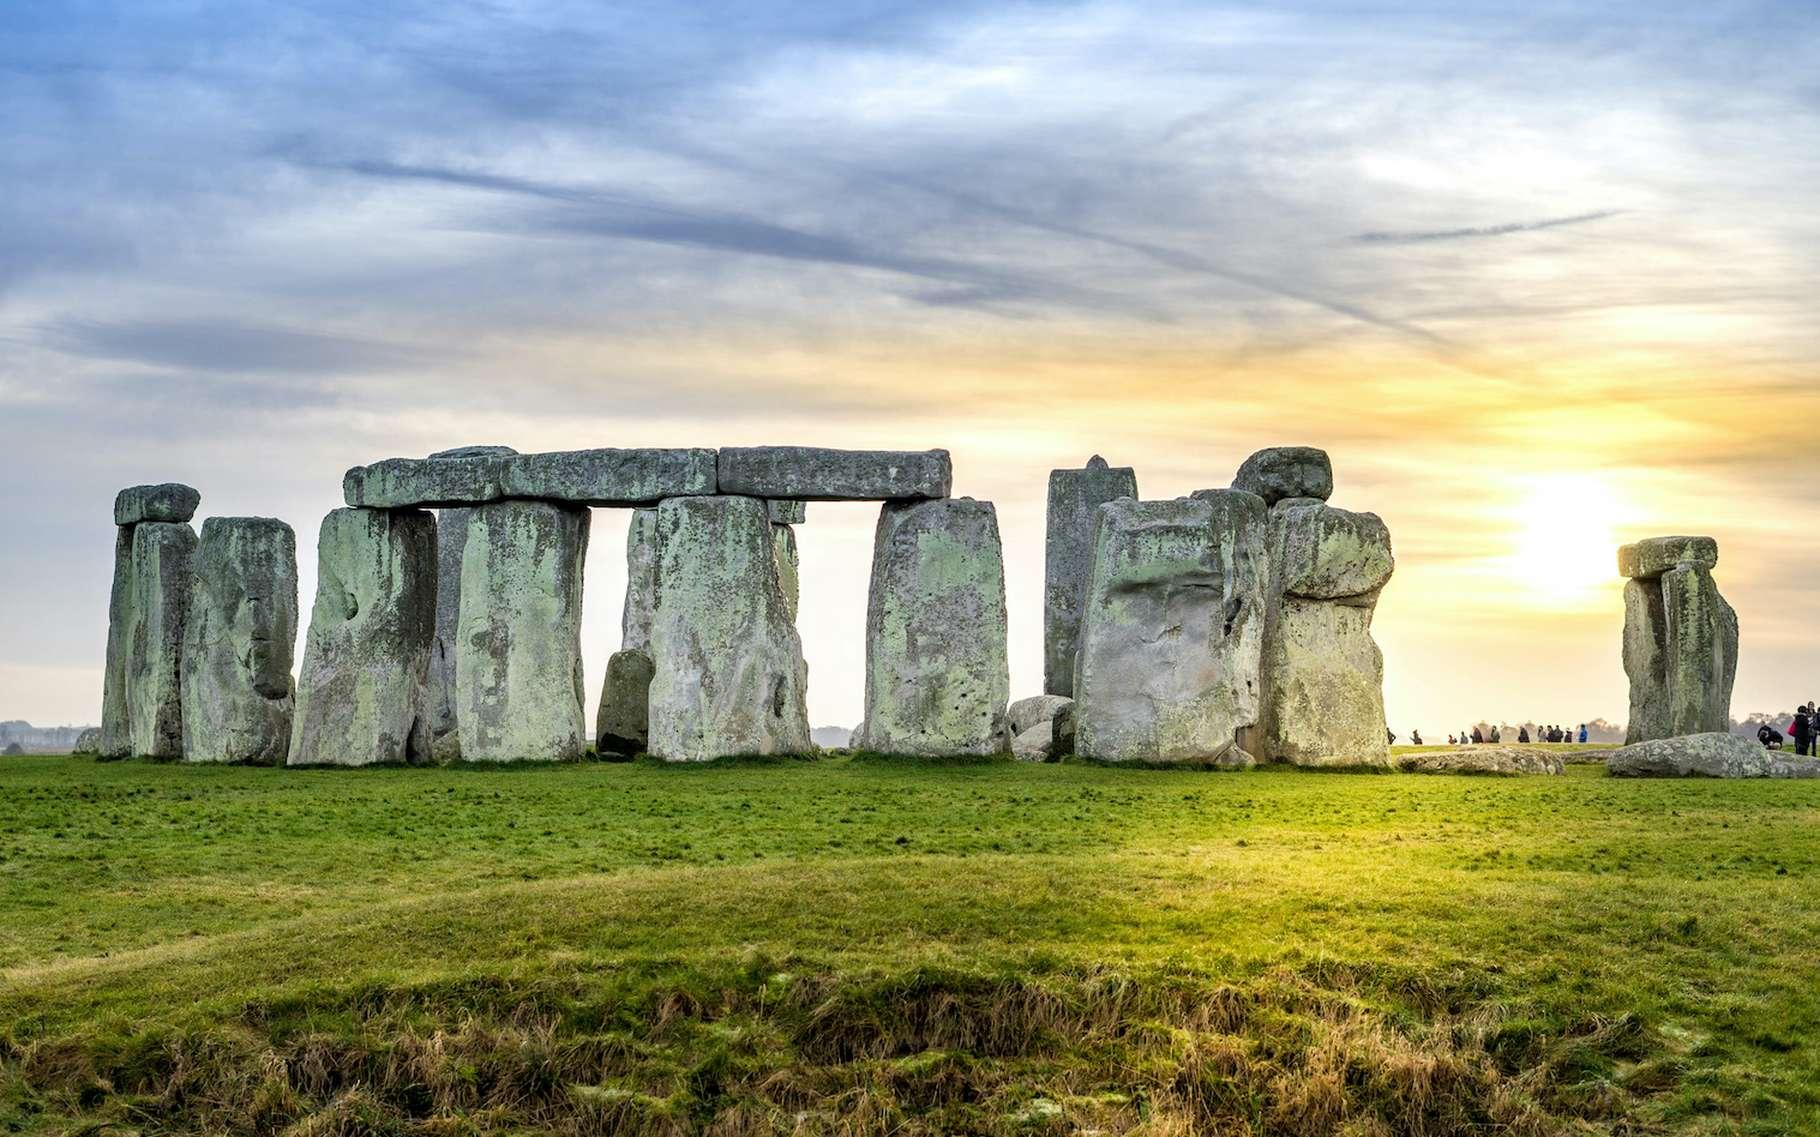 Des chercheurs de l'University College London (Royaume-Uni) montrent que certaines pierres de Stonehenge avaient été au préalable érigées au Pays de Galles. © Athip, Adobe Stock